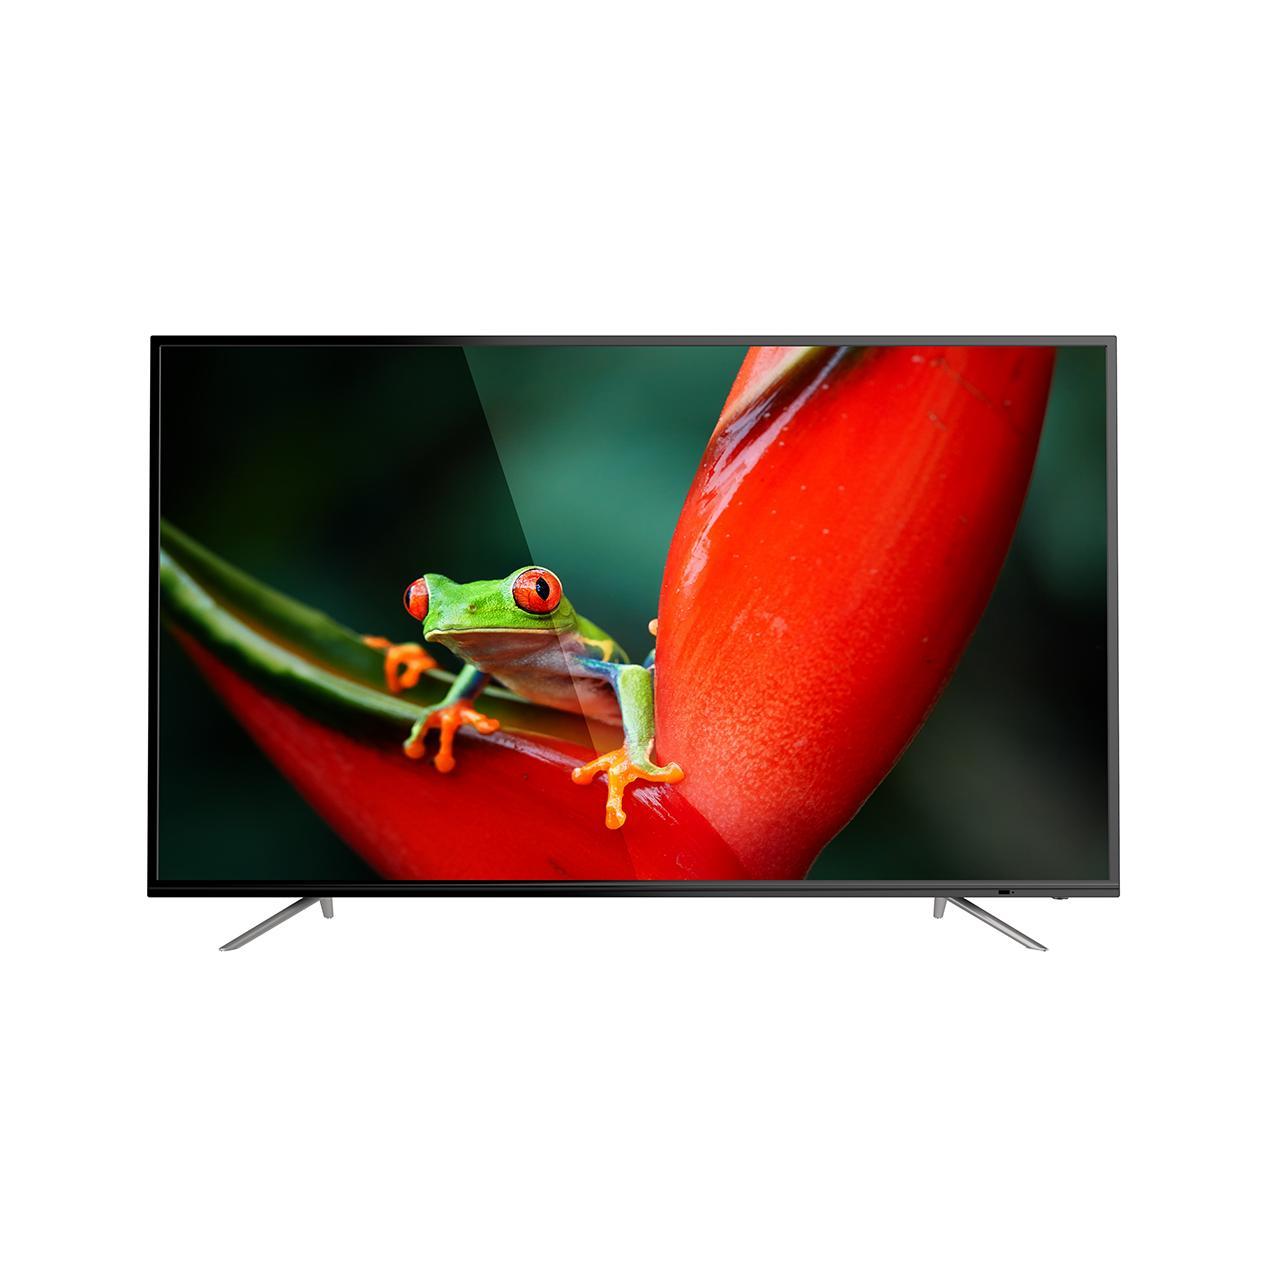 Bảng giá [Chỉ Giao Tại HCM&HN] - TV Android Panasonic TH-49FX550V - Bảo Hành 2 Năm - Hàng Chính Hãng